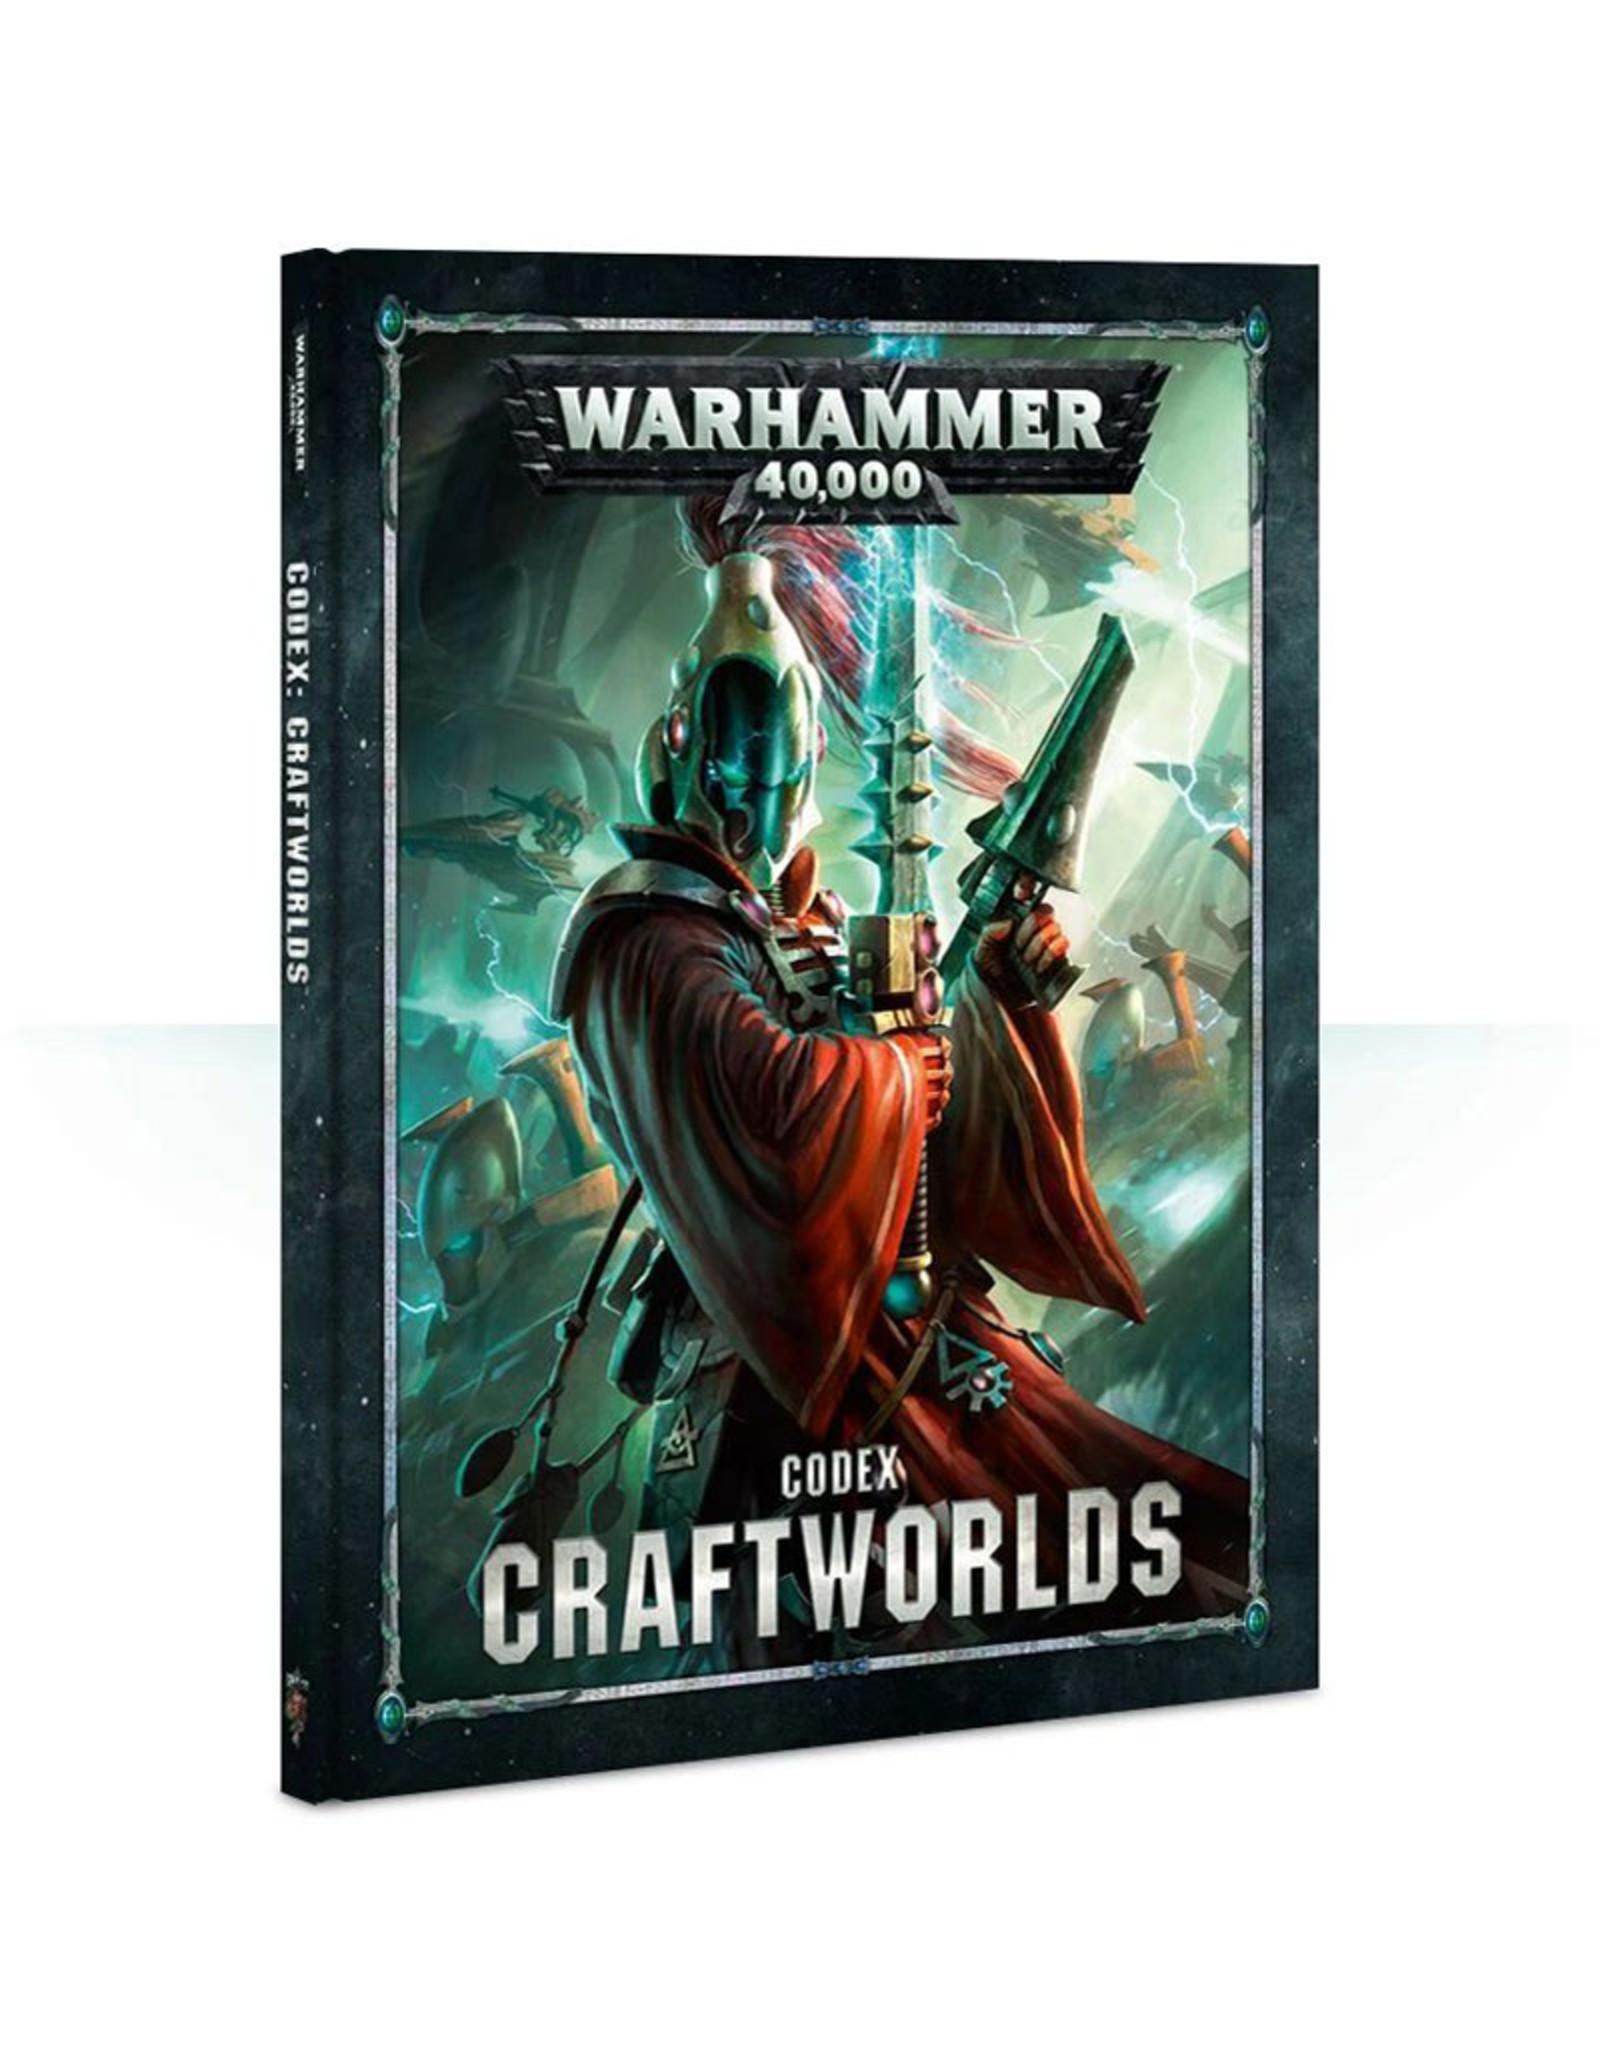 Games Workshop Warhammer 40K Codex Craftworlds (8th Edition)